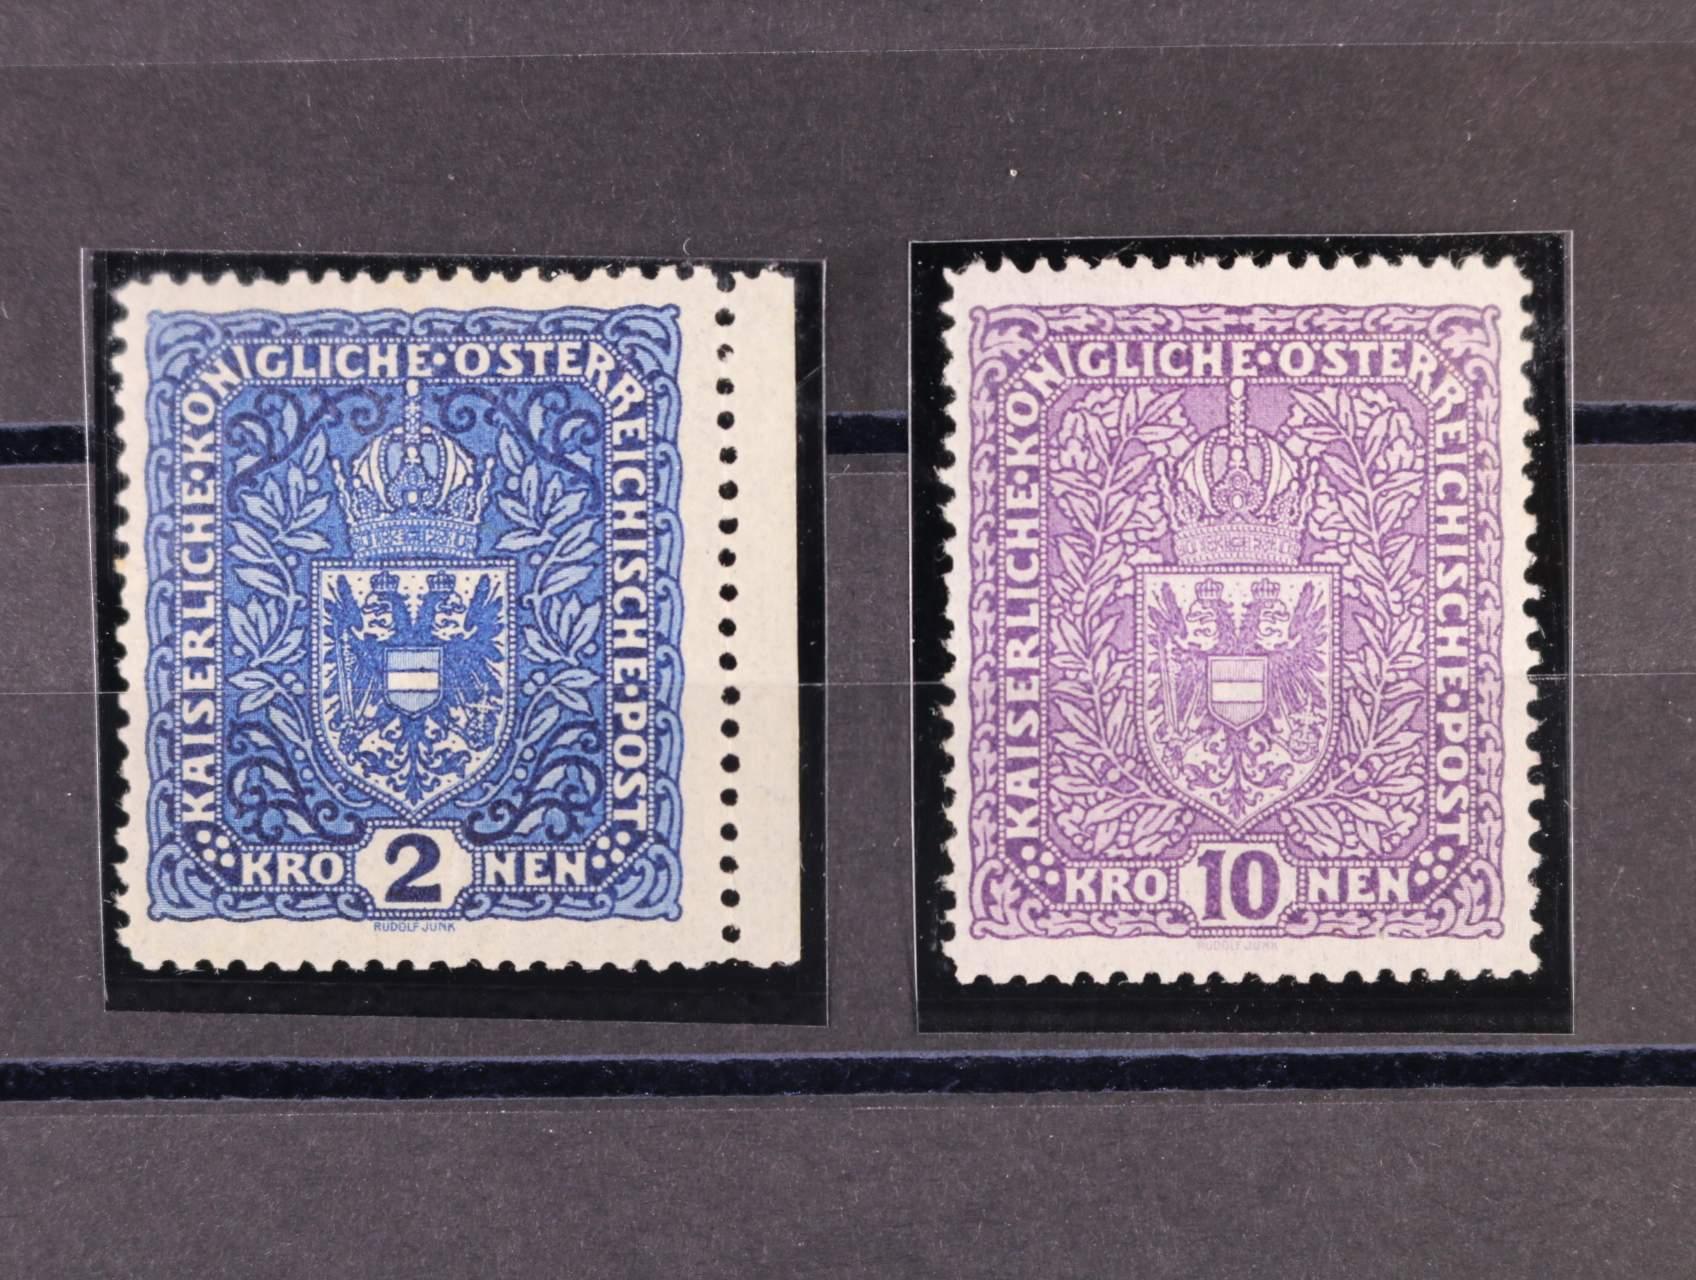 zn. Mi. č. 200 II mírně zvrásněný papír, zn. Mi. 207 Iz šedý papír, 430 EUR